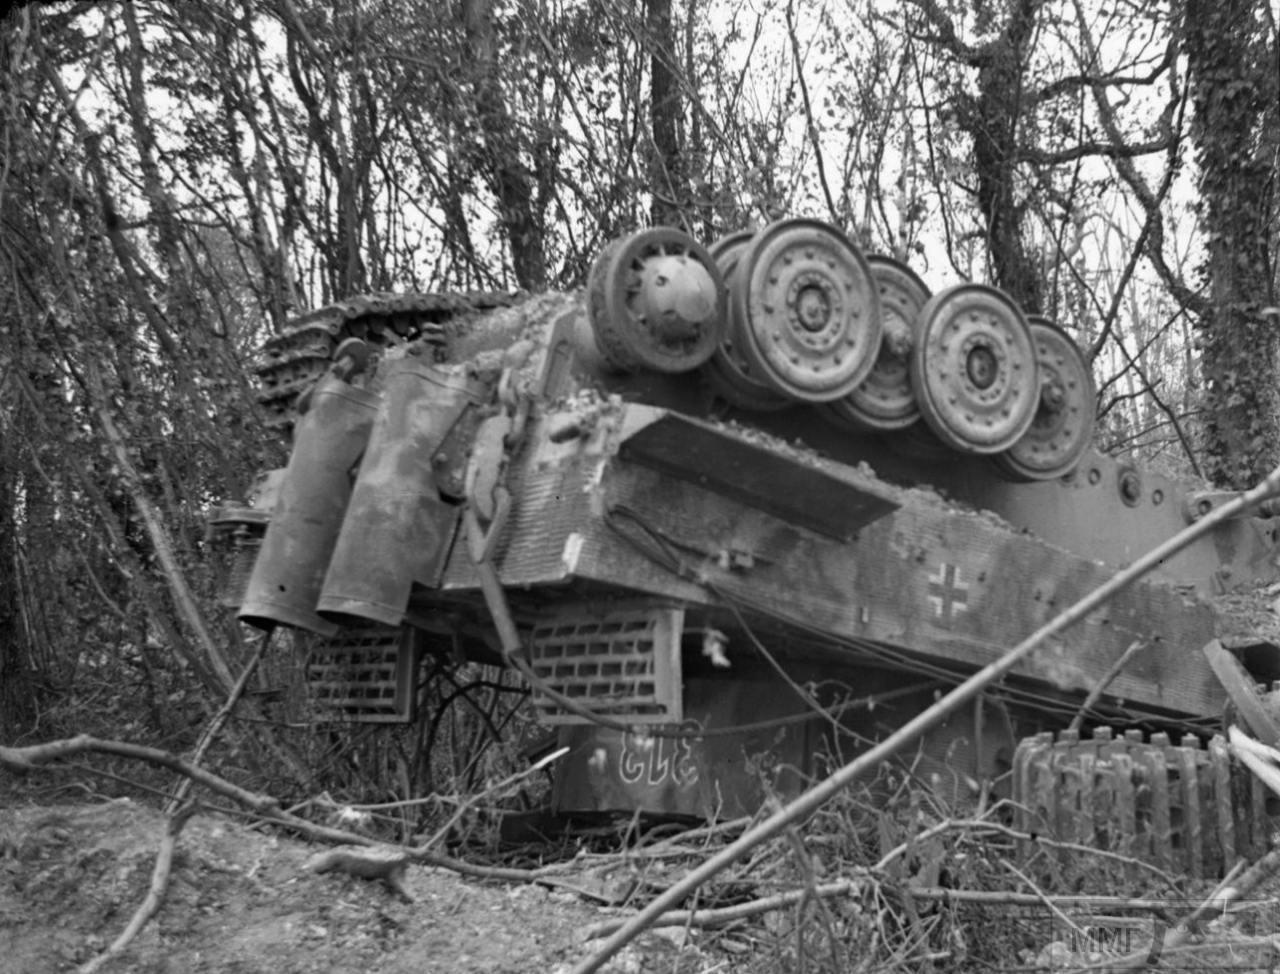 56839 - Танк Тигр - лучший танк Второй Мировой Войны?